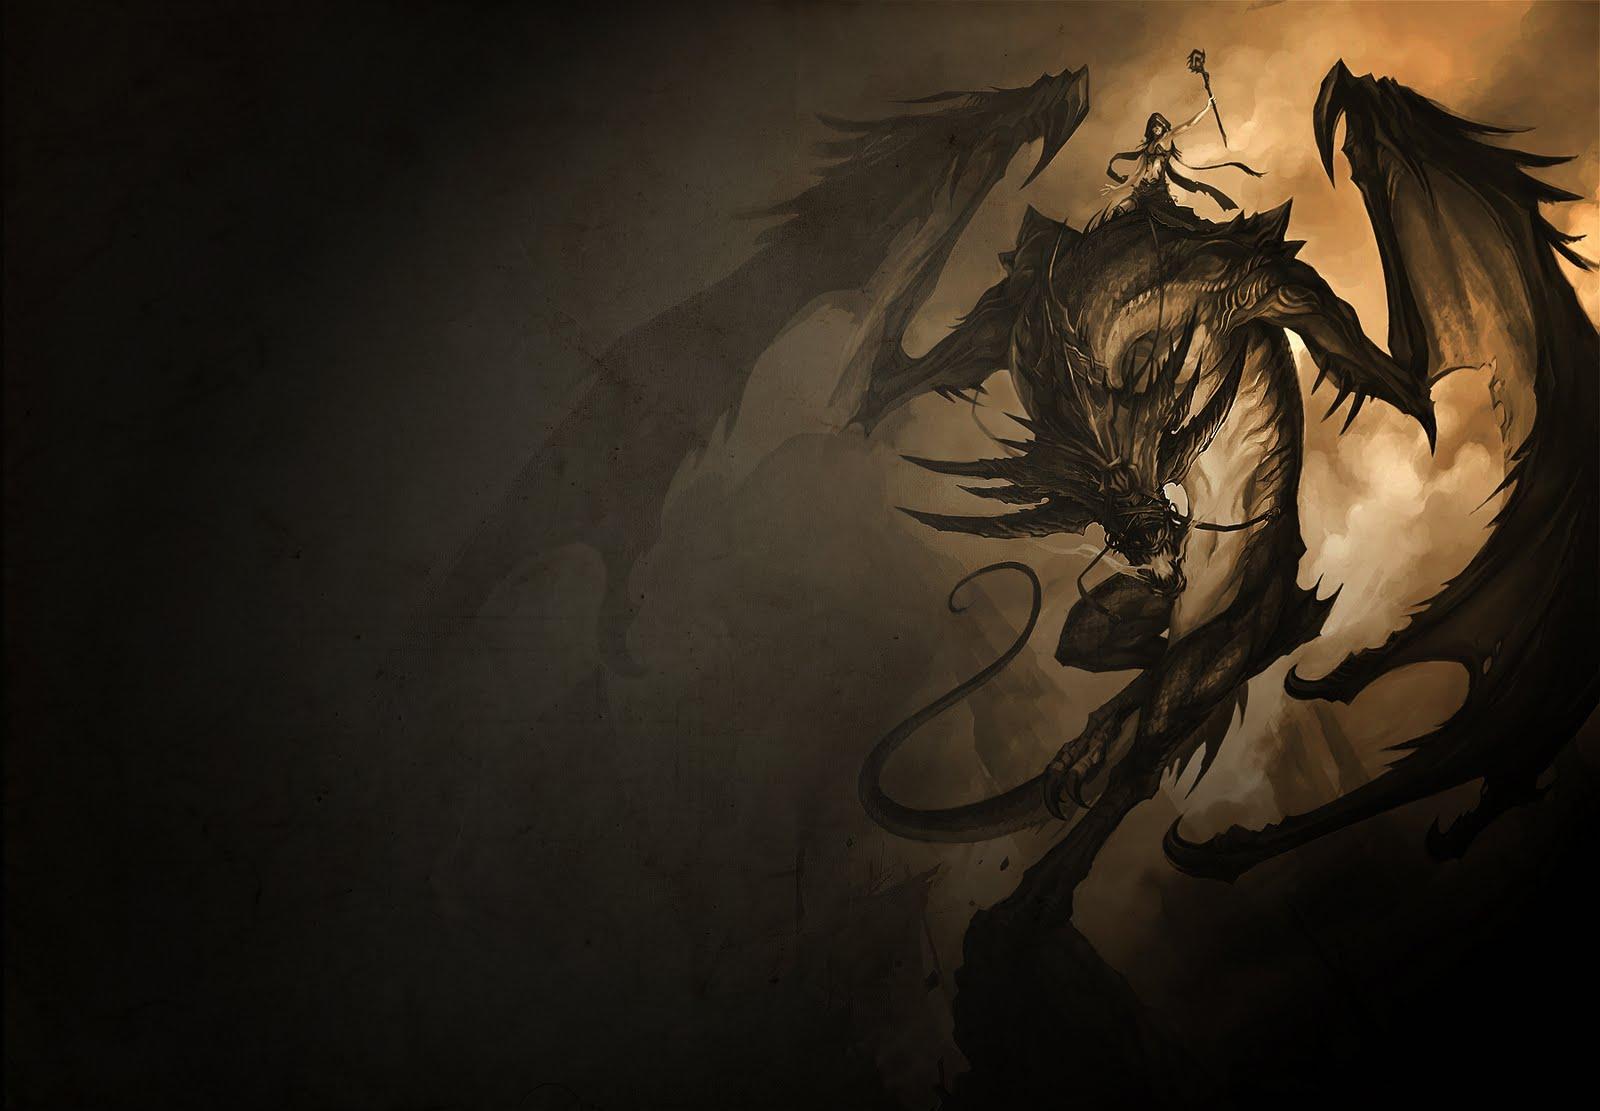 Badass Dragon Wallpaper